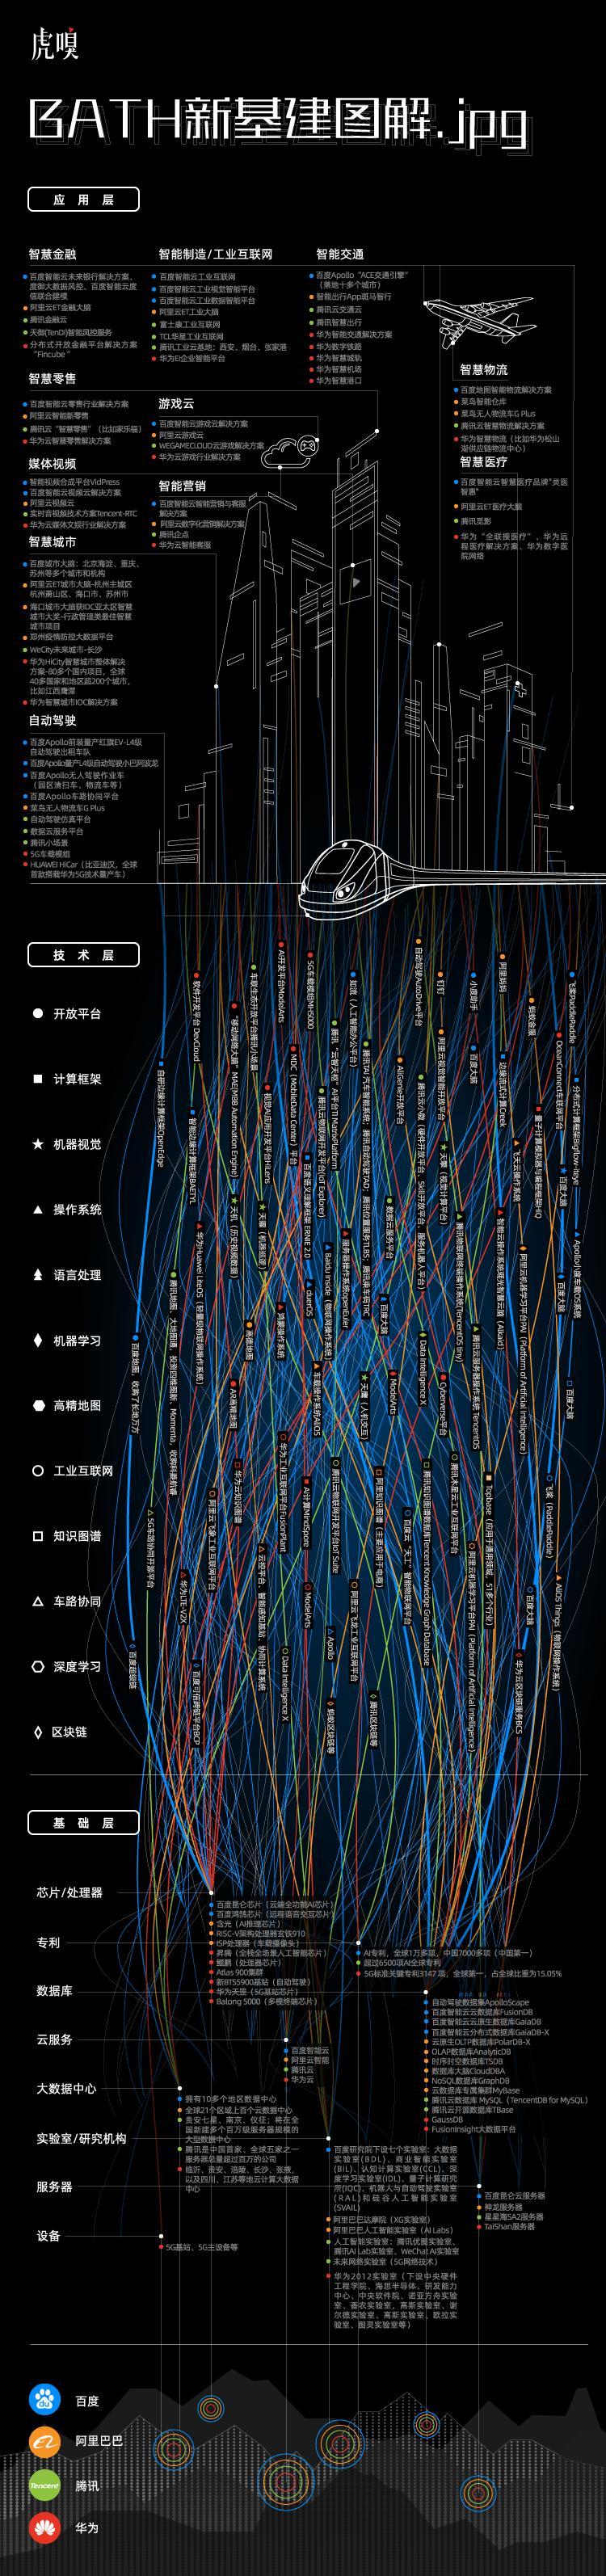 一文看懂BATH新基建:5G是基础,AI是内核